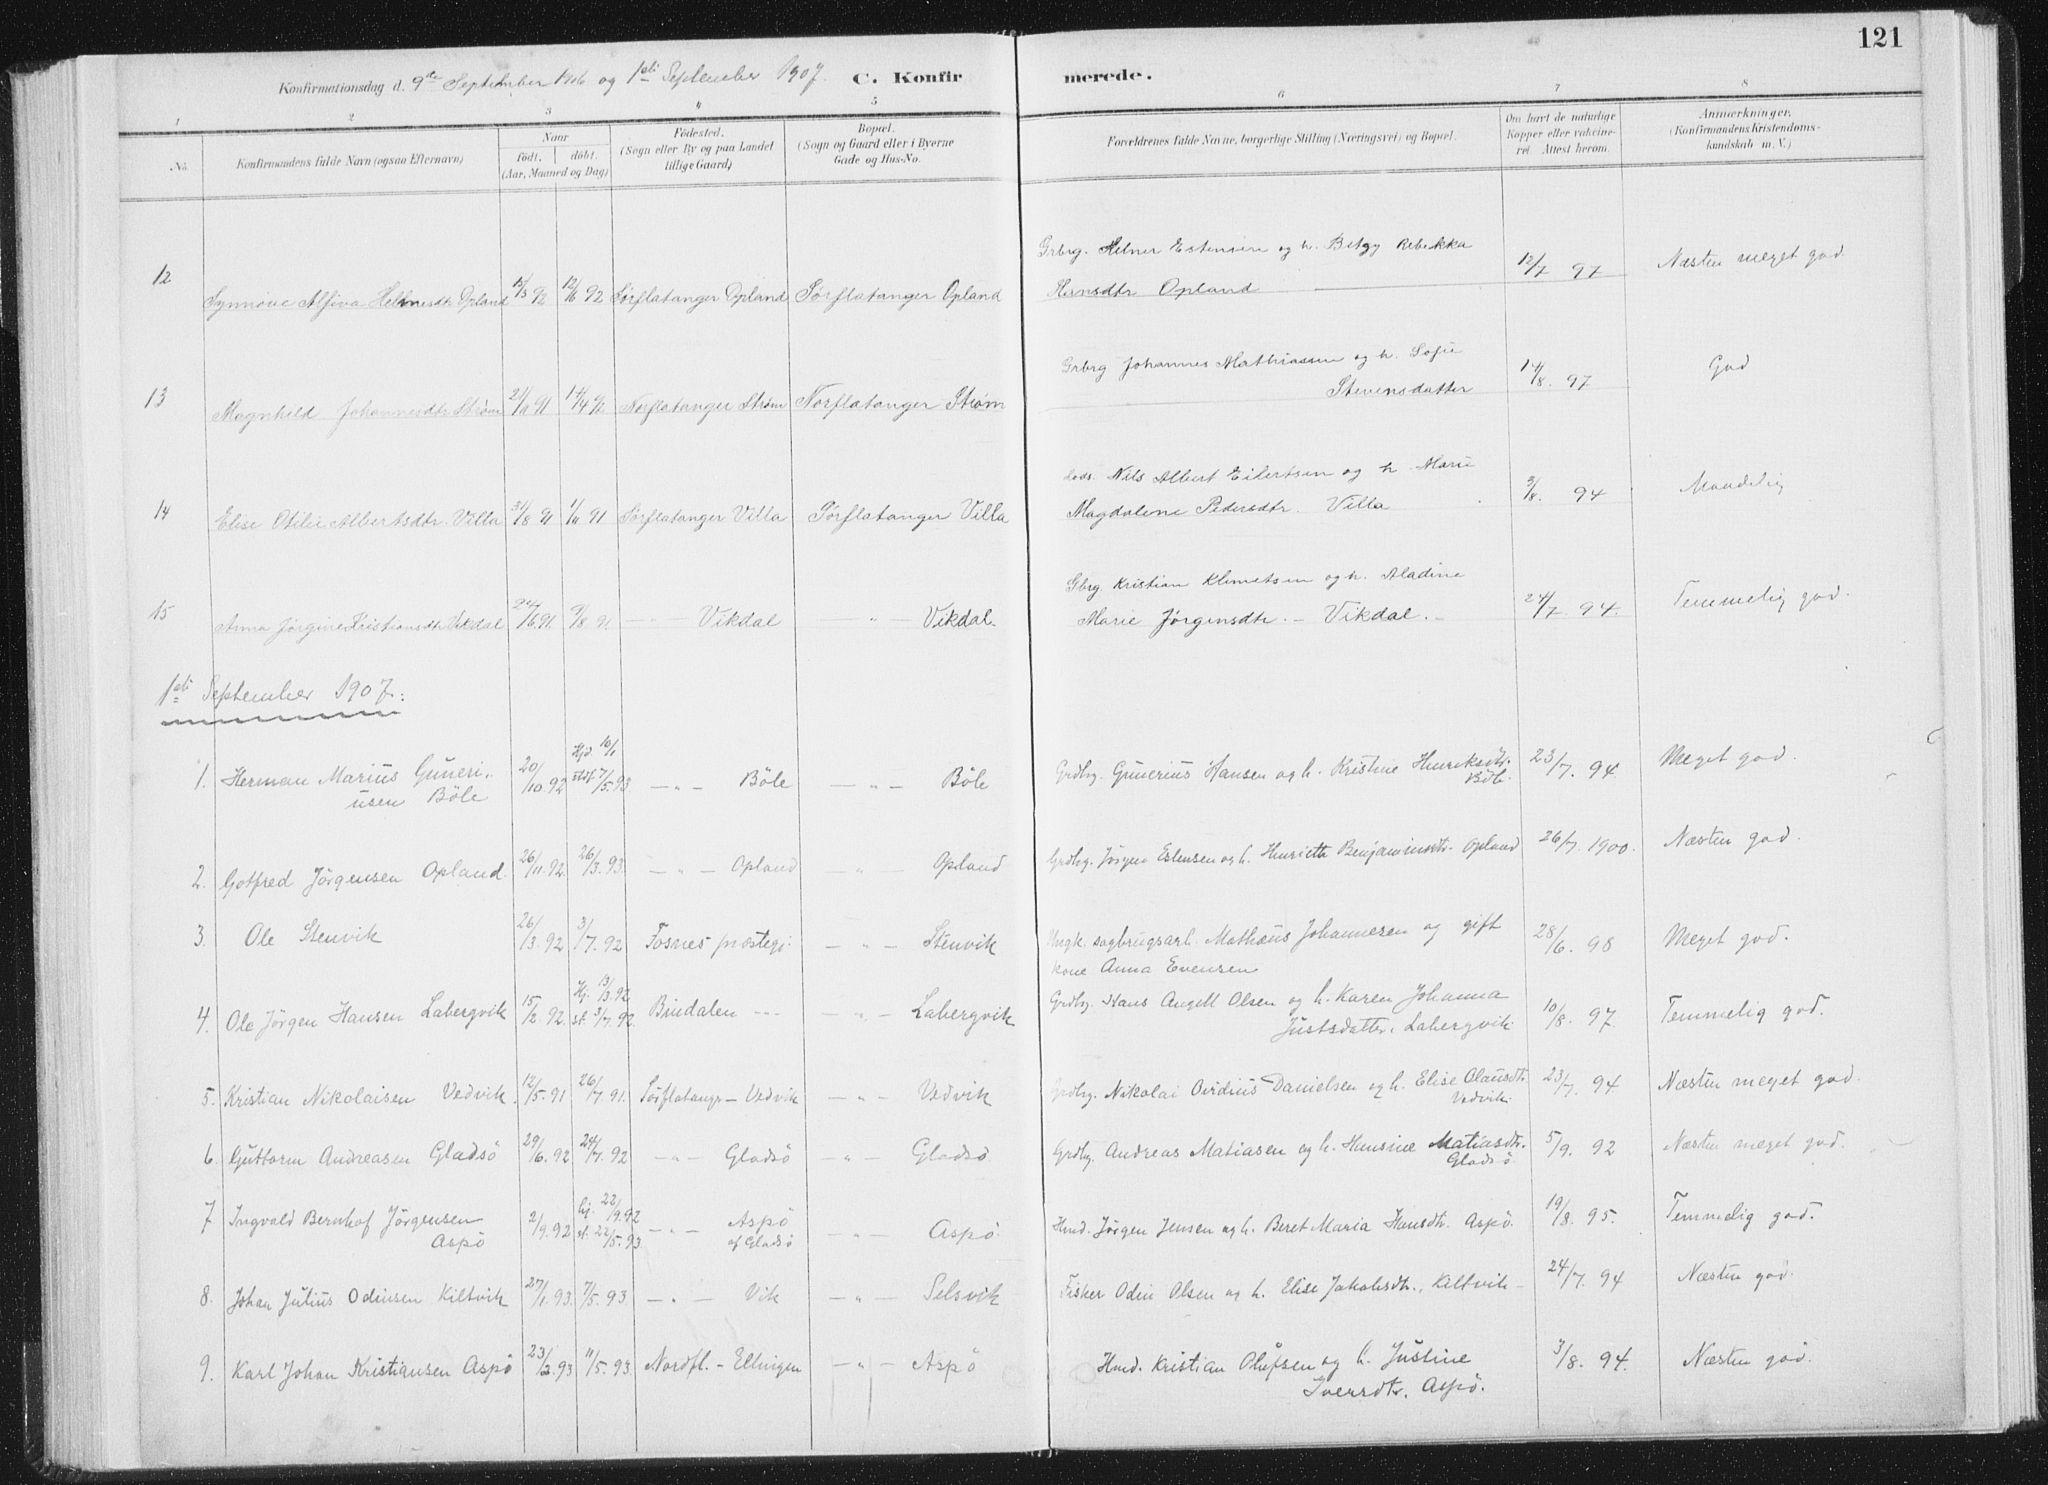 SAT, Ministerialprotokoller, klokkerbøker og fødselsregistre - Nord-Trøndelag, 771/L0597: Ministerialbok nr. 771A04, 1885-1910, s. 121